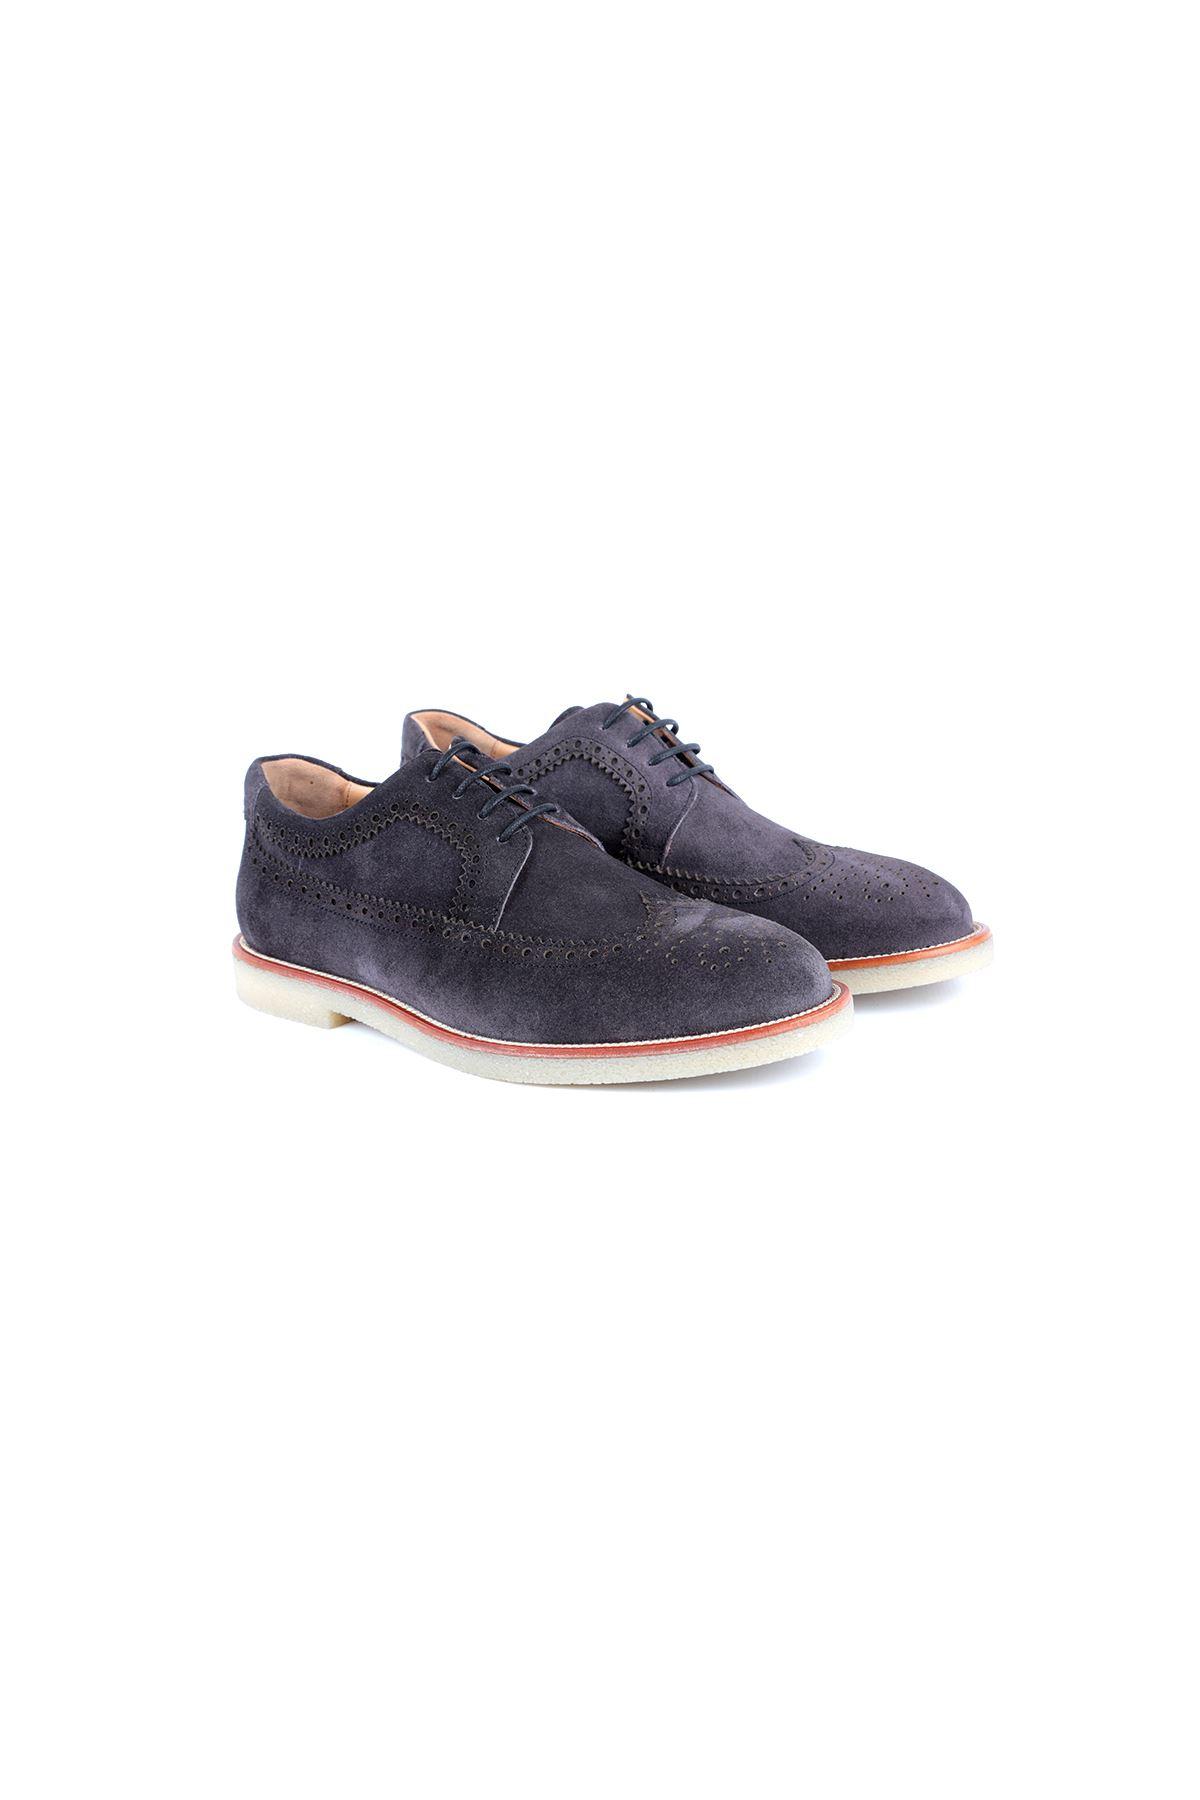 Libero L3743 Antrasit Casual Erkek Ayakkabı